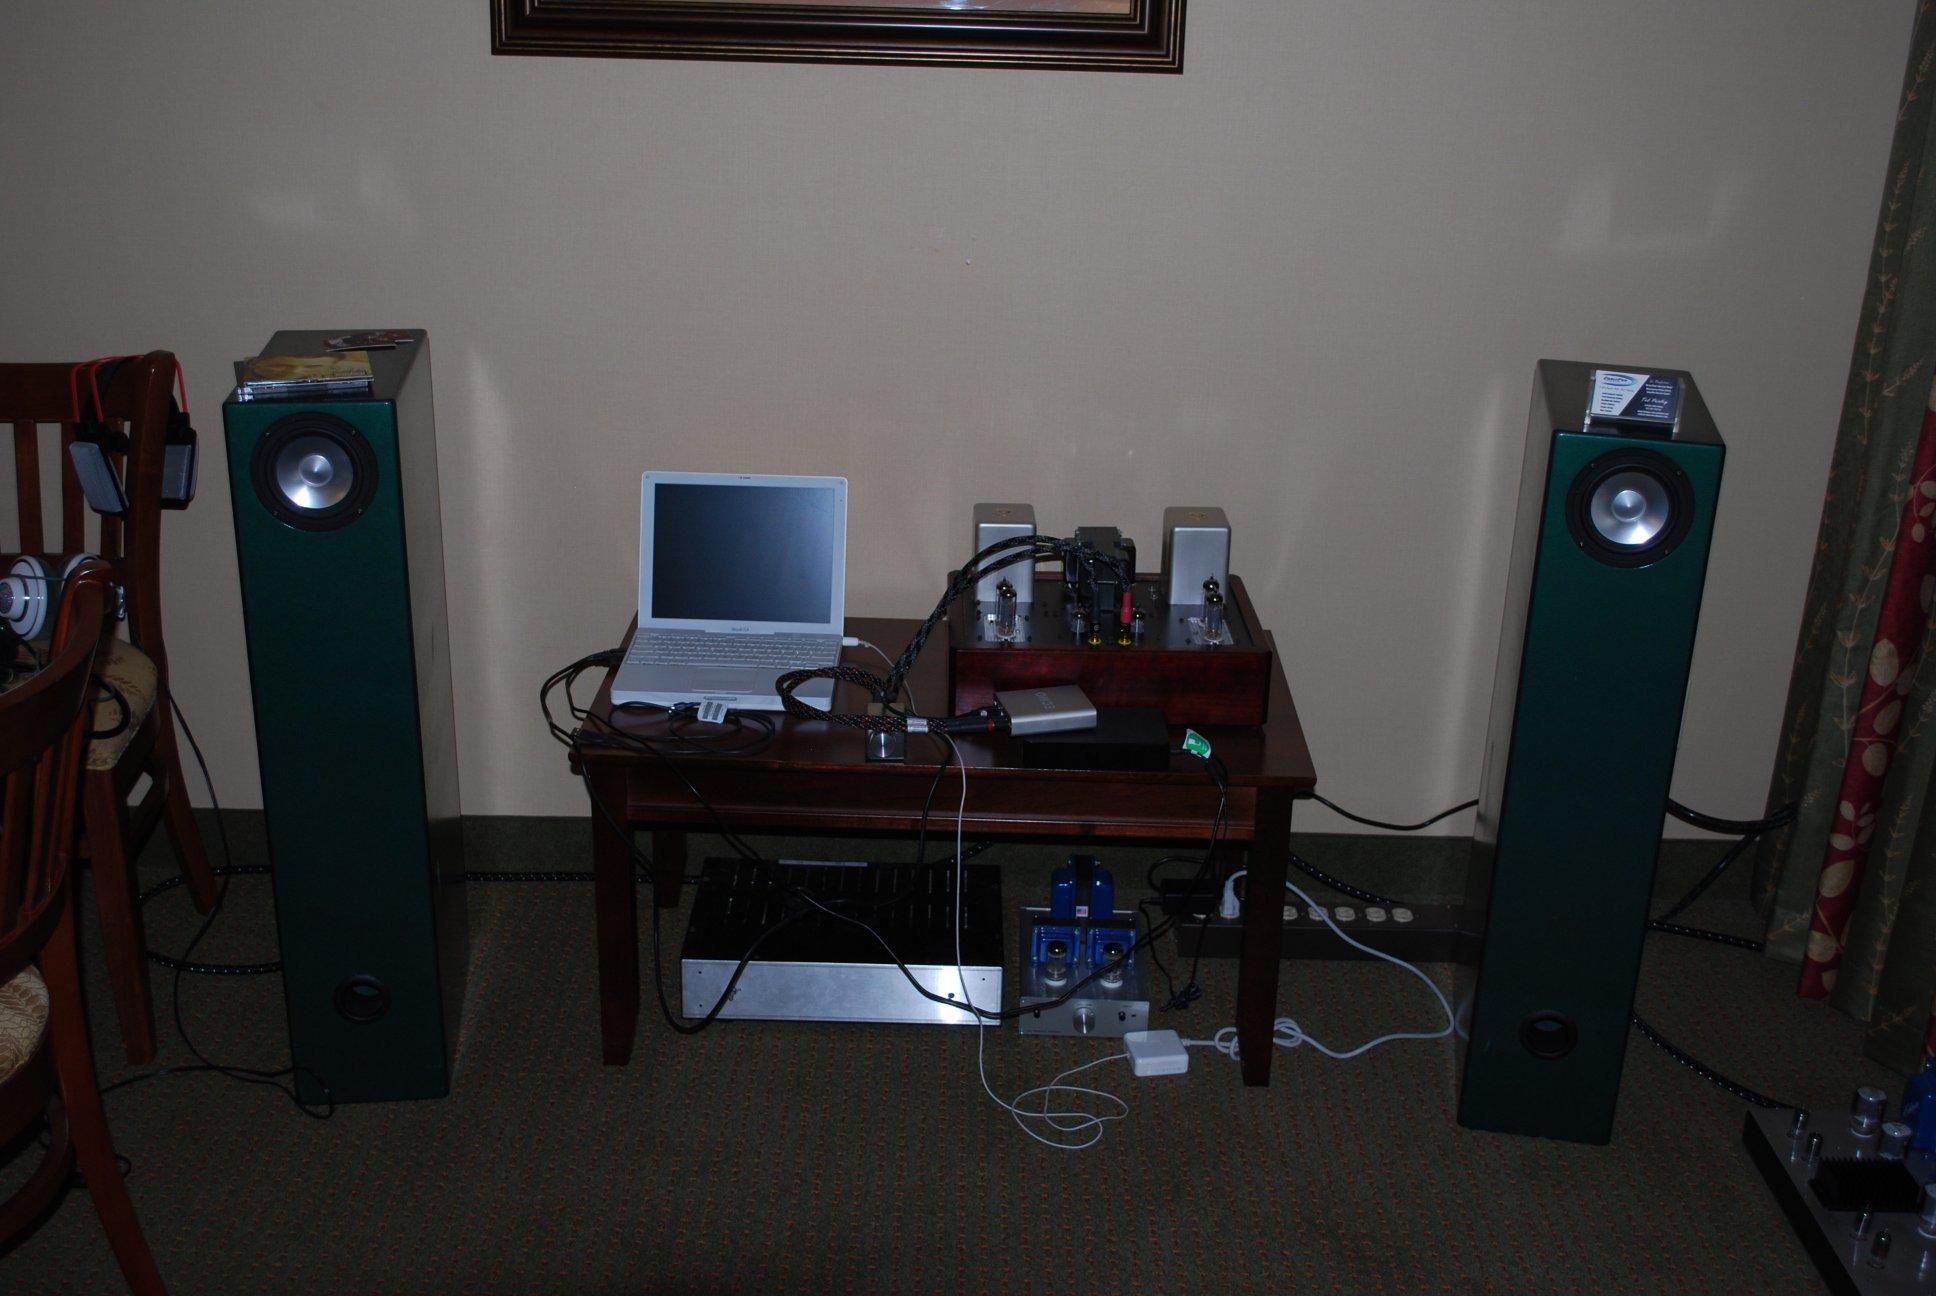 http://lonestaraudiofest.com/2012/Photos/DSC_0082.JPG